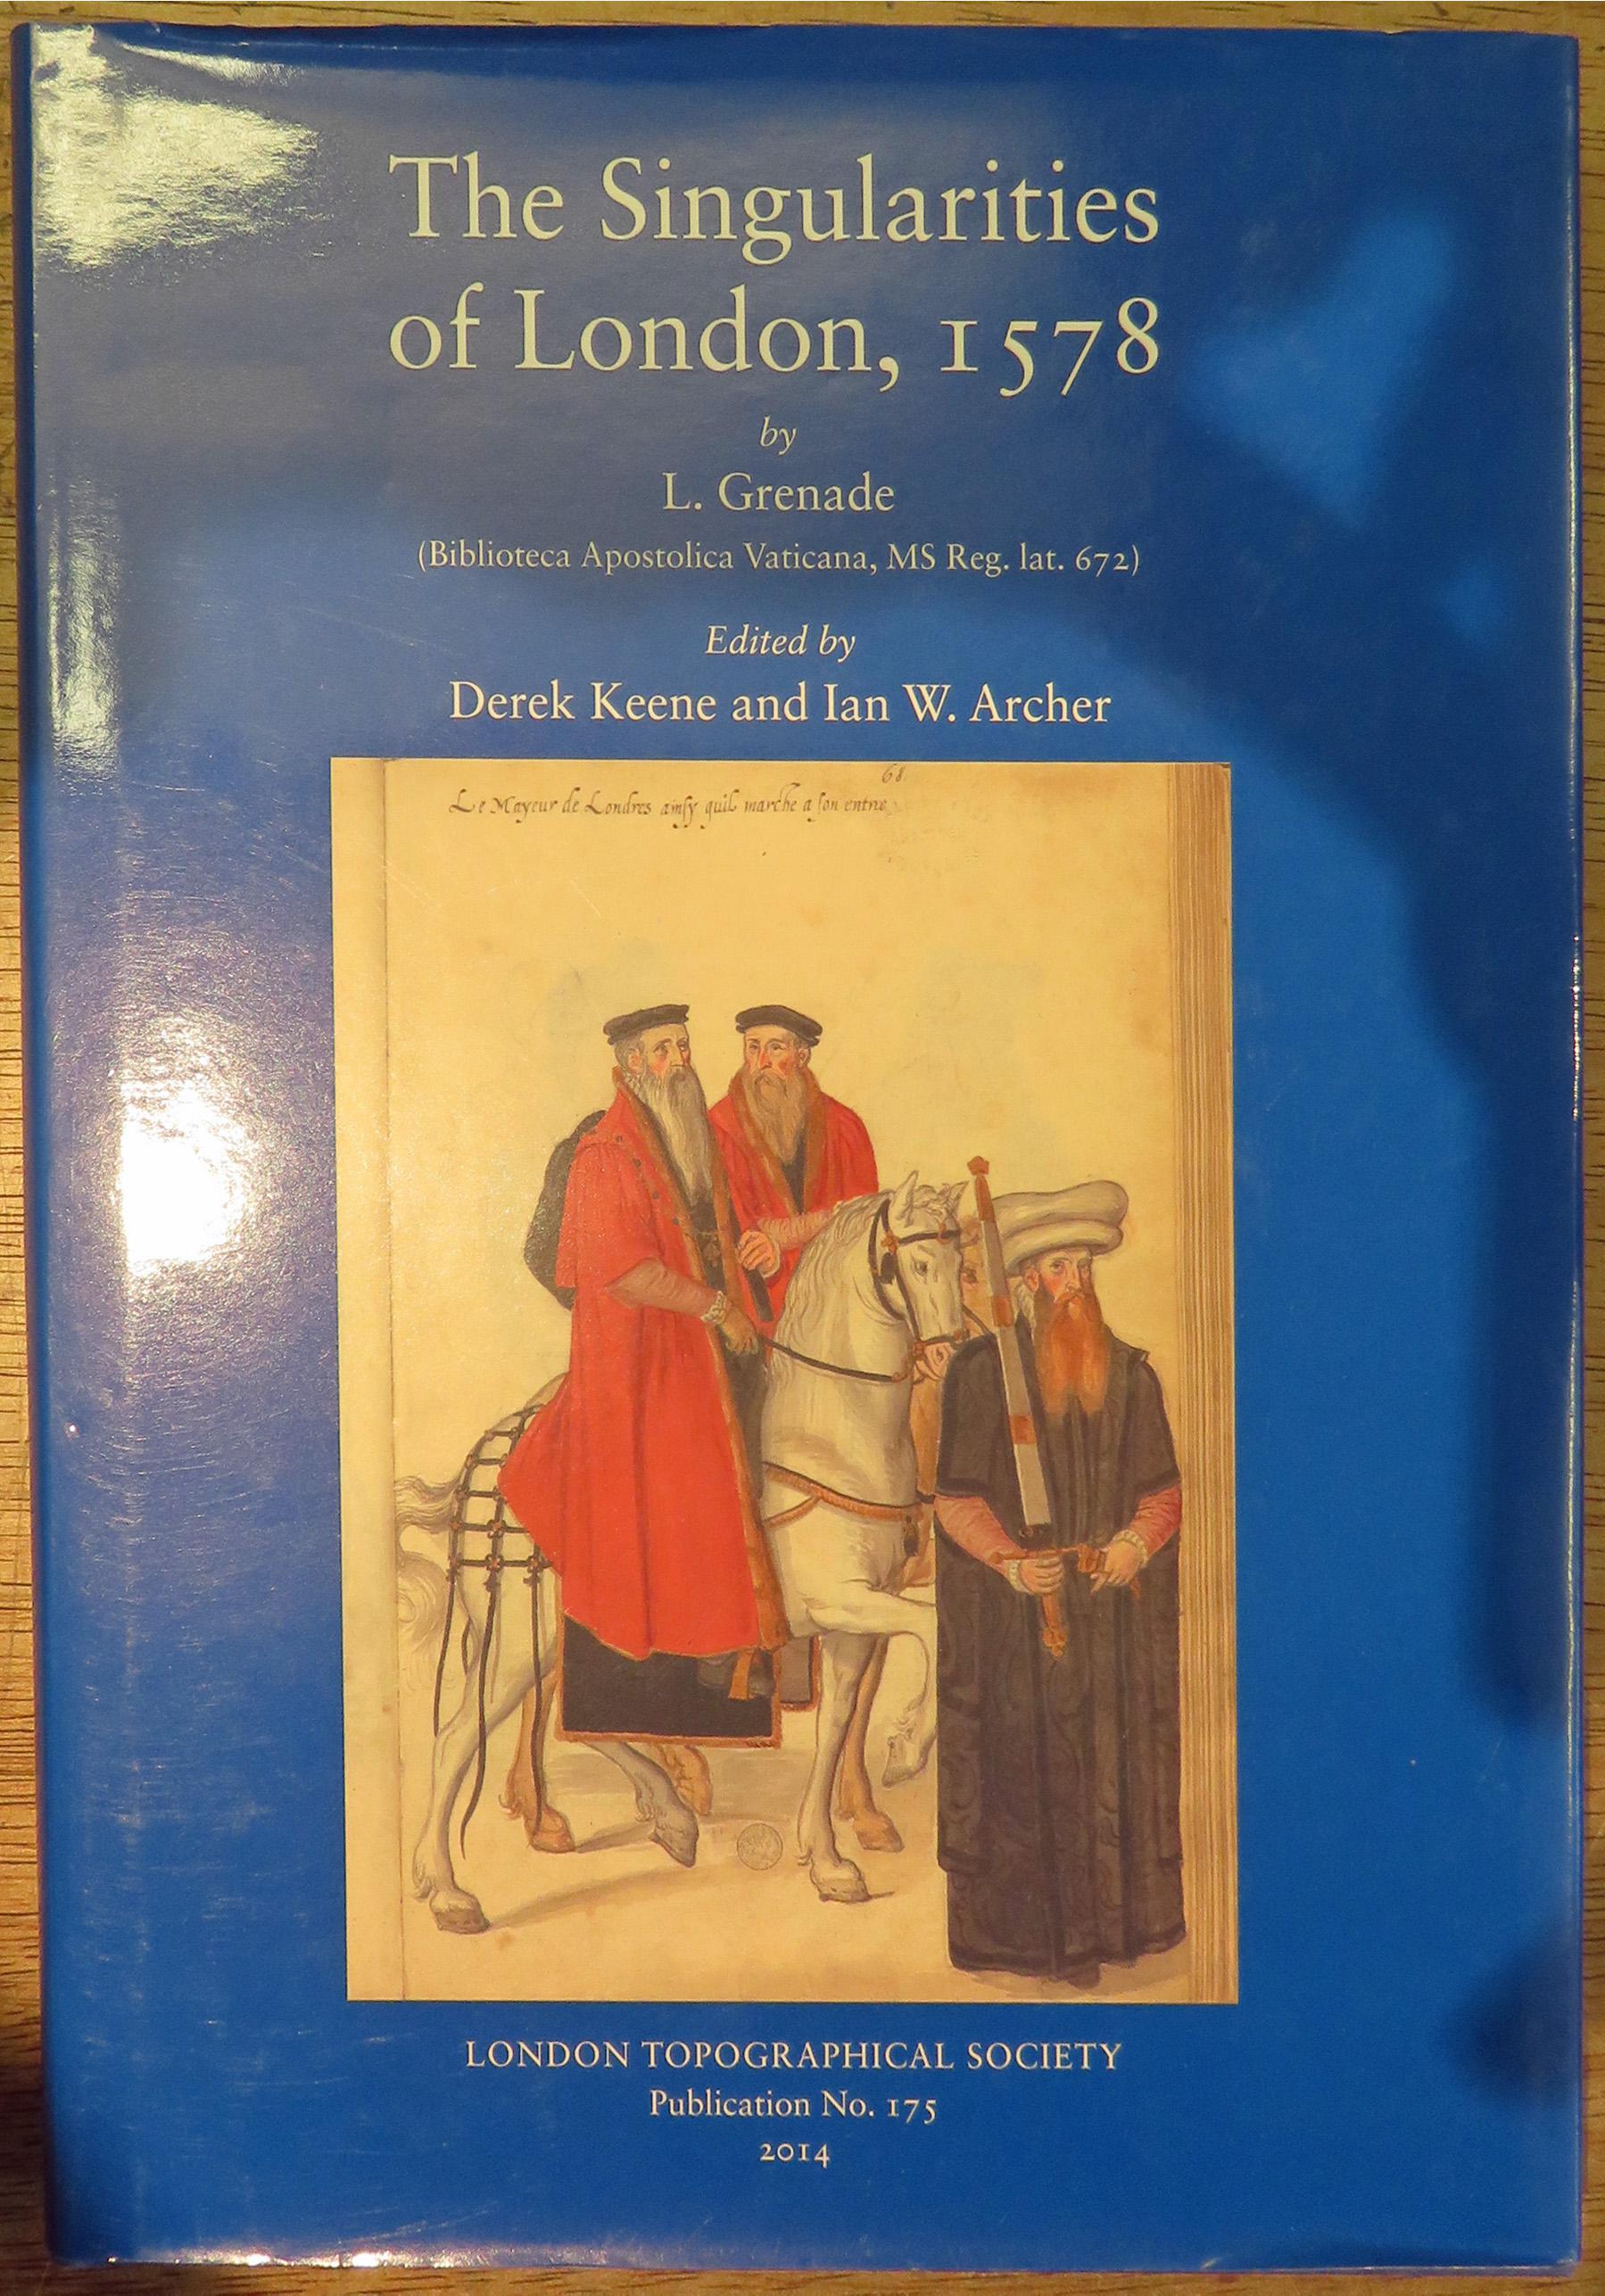 The Singularities of London, 1578